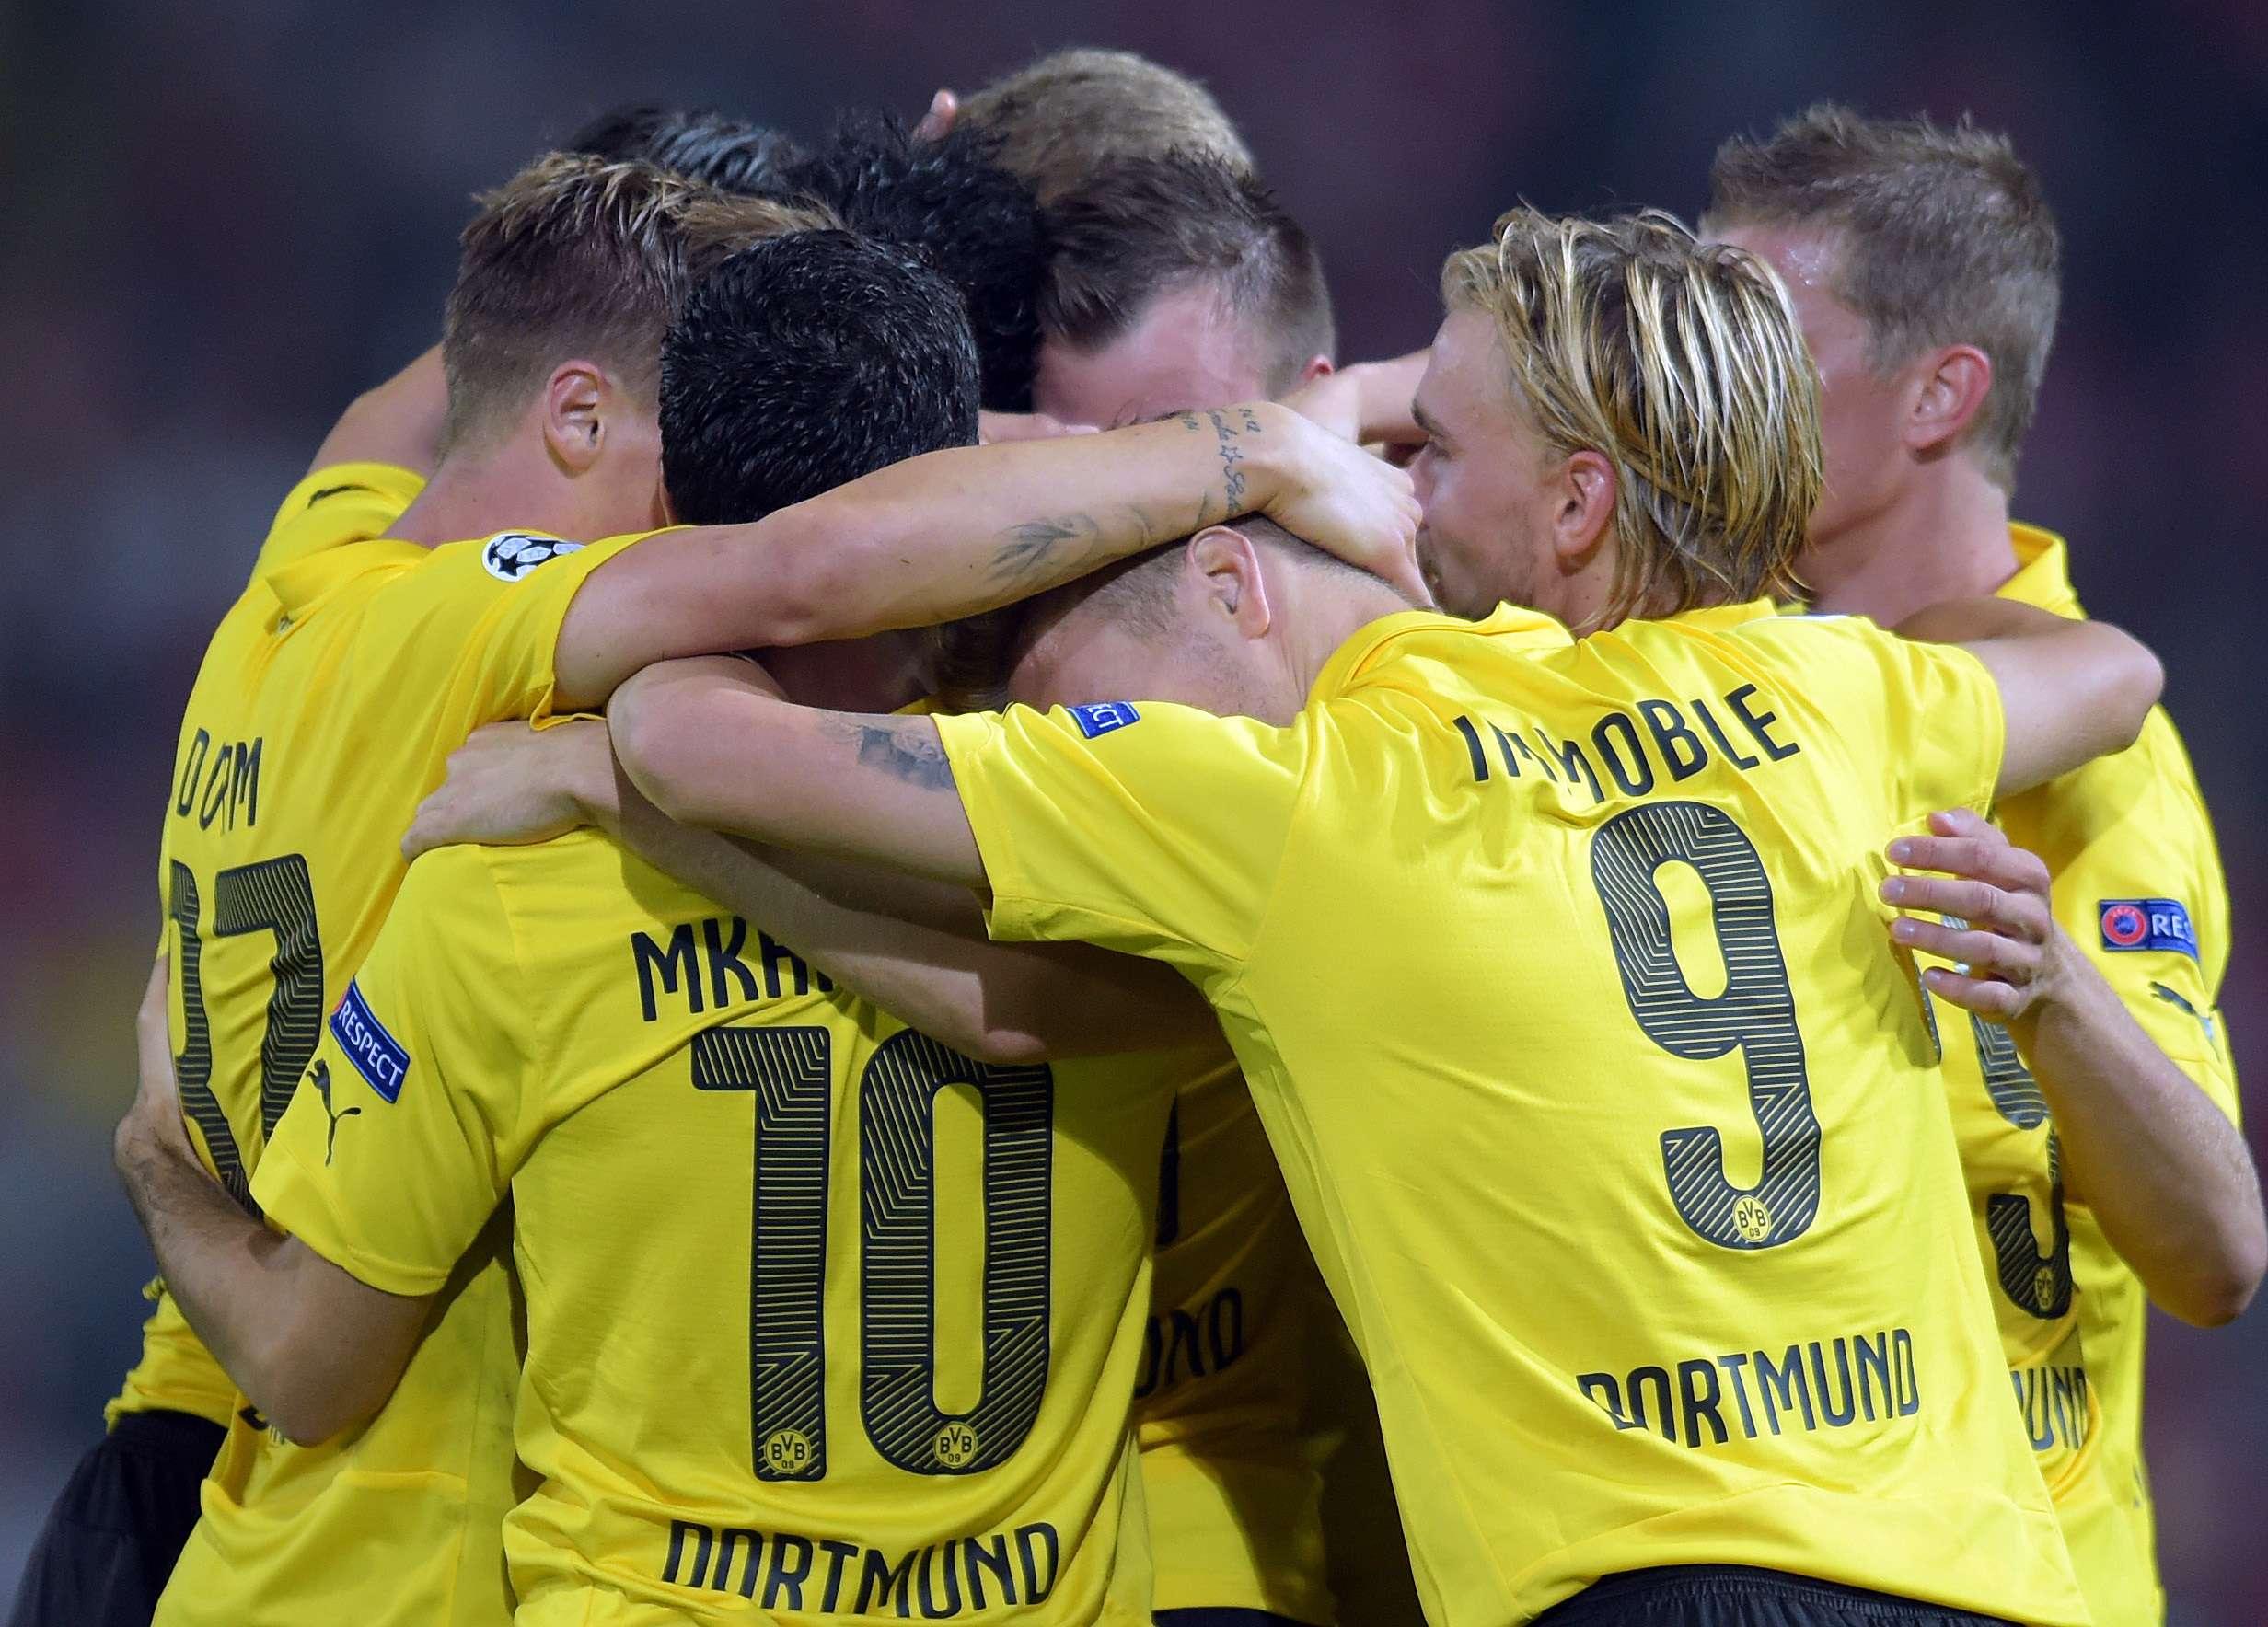 El Dortmund derrotó al Arsenal en primera jornada de Champions. Foto: AFP